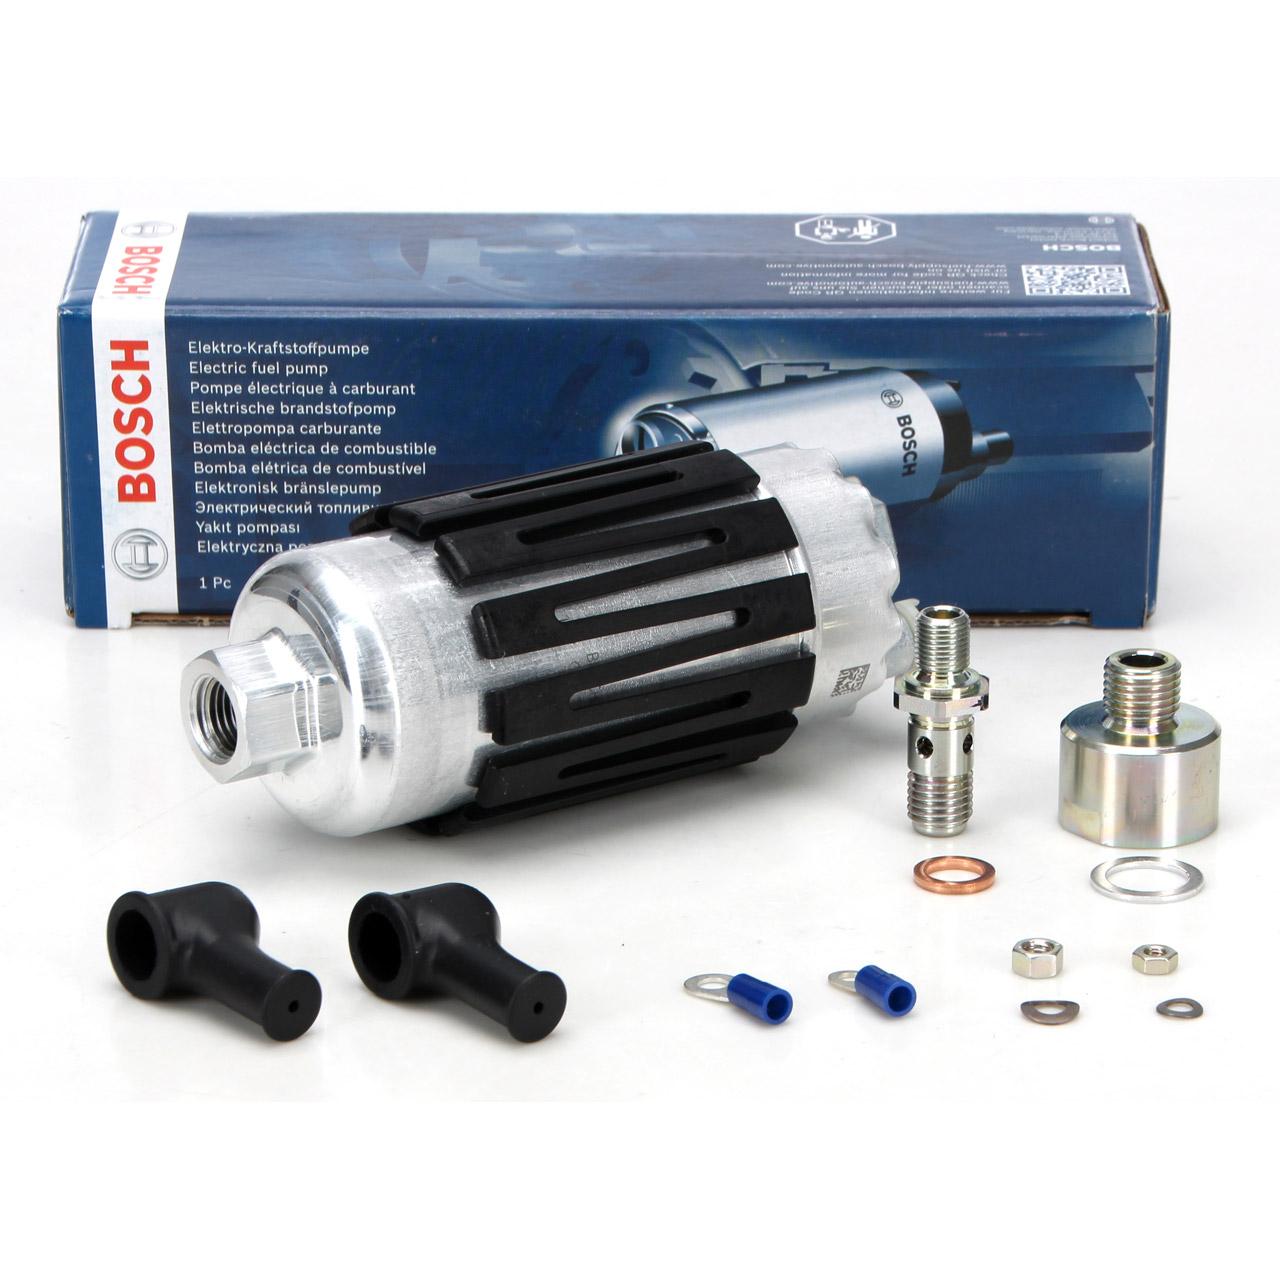 BOSCH 0580254044 Kraftstoffpumpe für PORSCHE 993 3.6 Carrera 272 / 286 PS